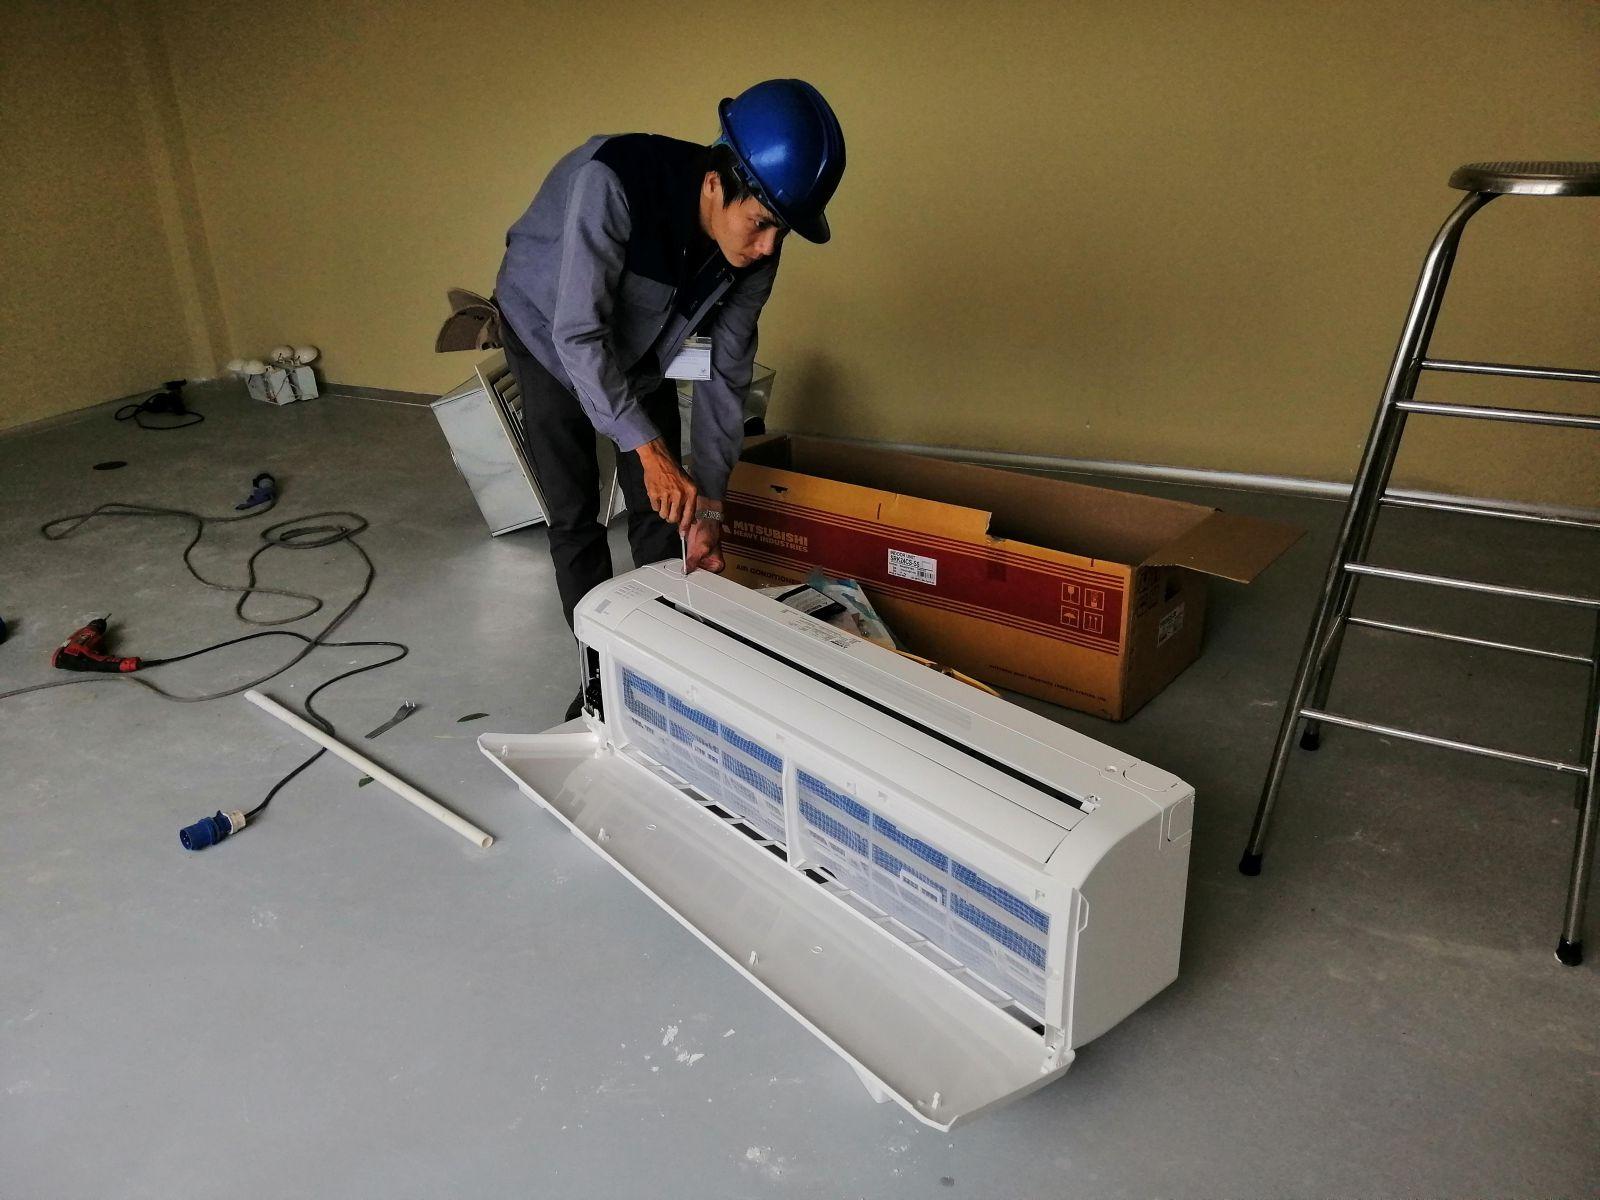 Cơ sở sửa chữa điện lạnh uy tín tại quận 8